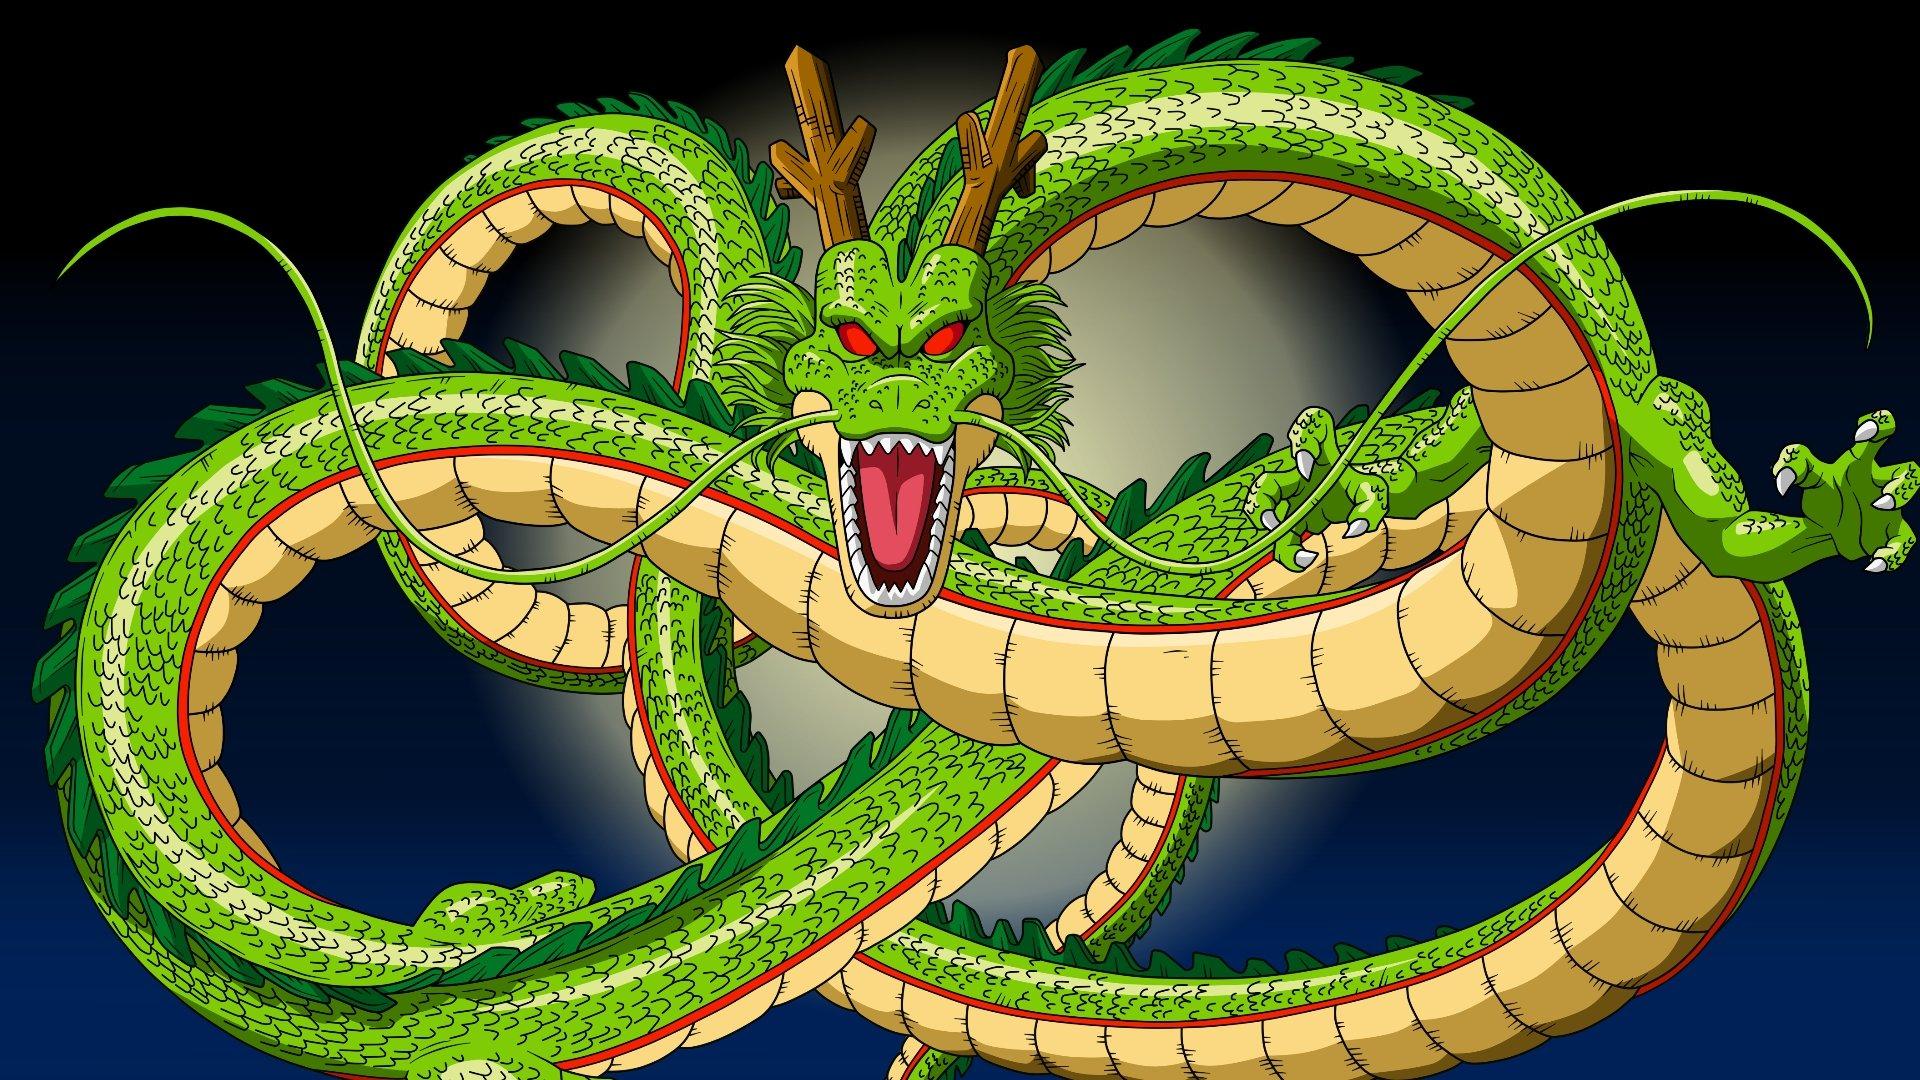 Dragon Ball Z HD Desktop Background